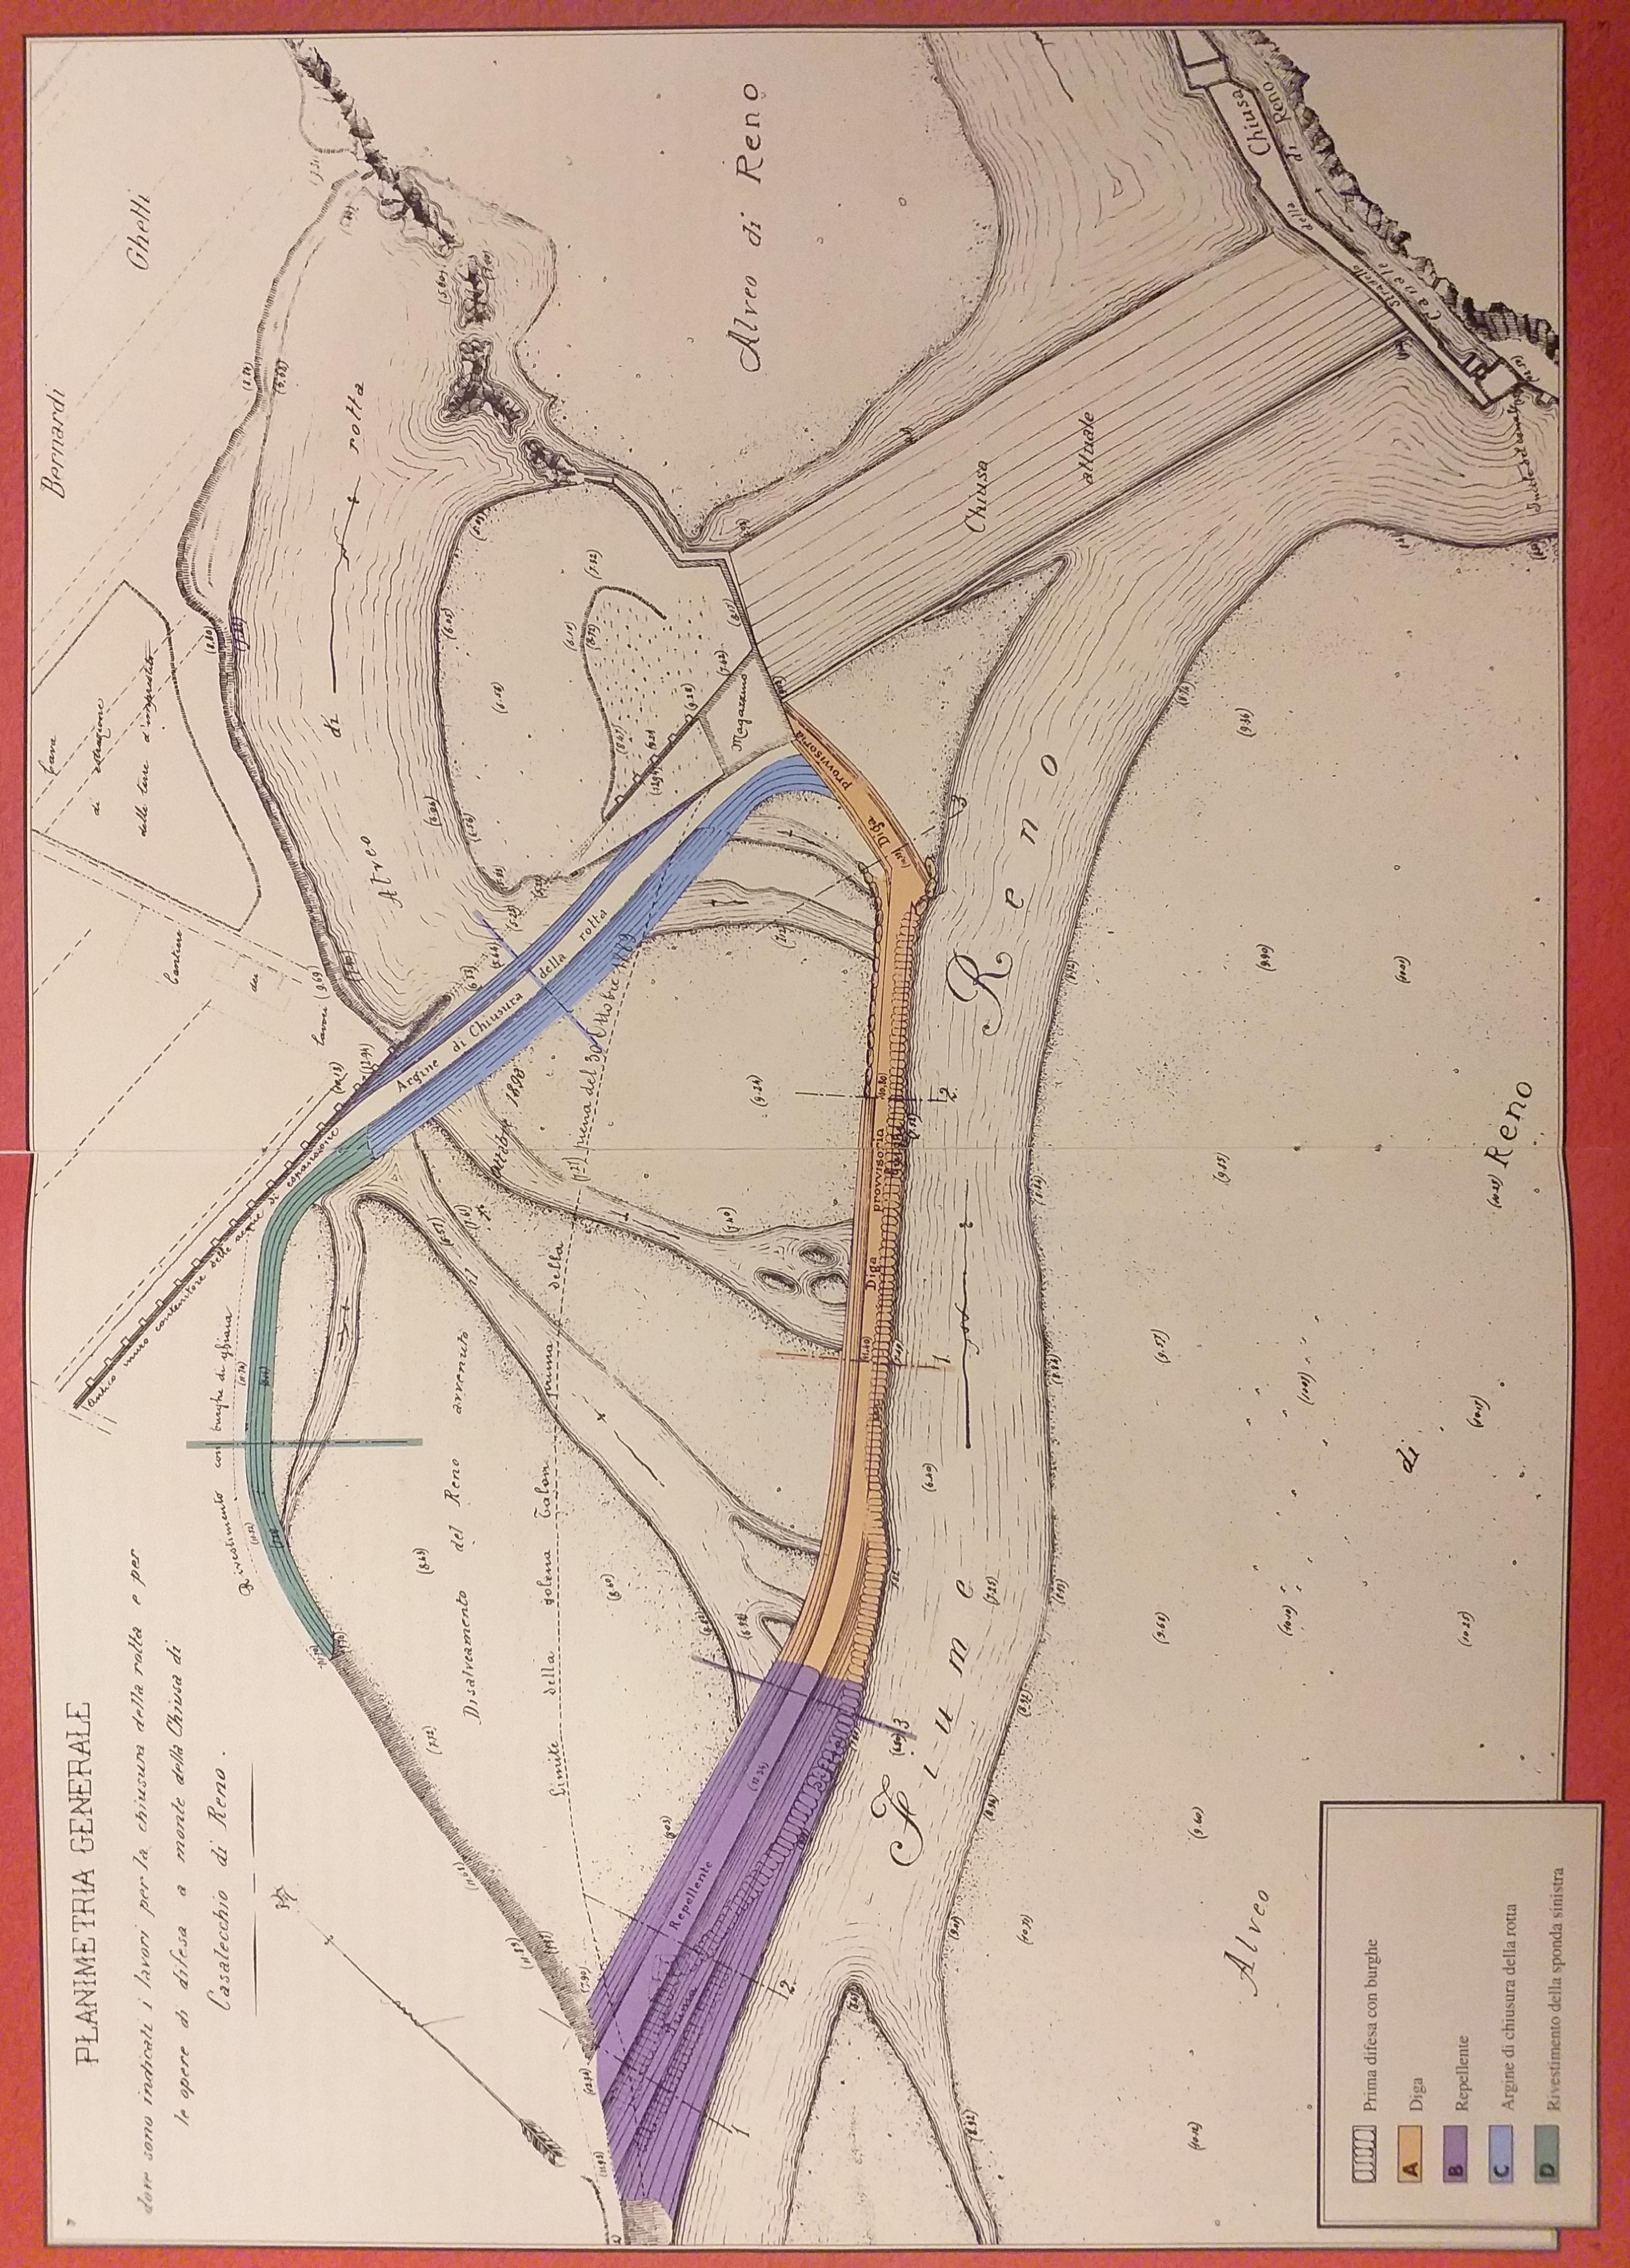 """Planimetria generale della rotta con indicati i lavori di chiusura e di difesa (in """"Quando l'uomo lavorò l'acqua…"""")"""